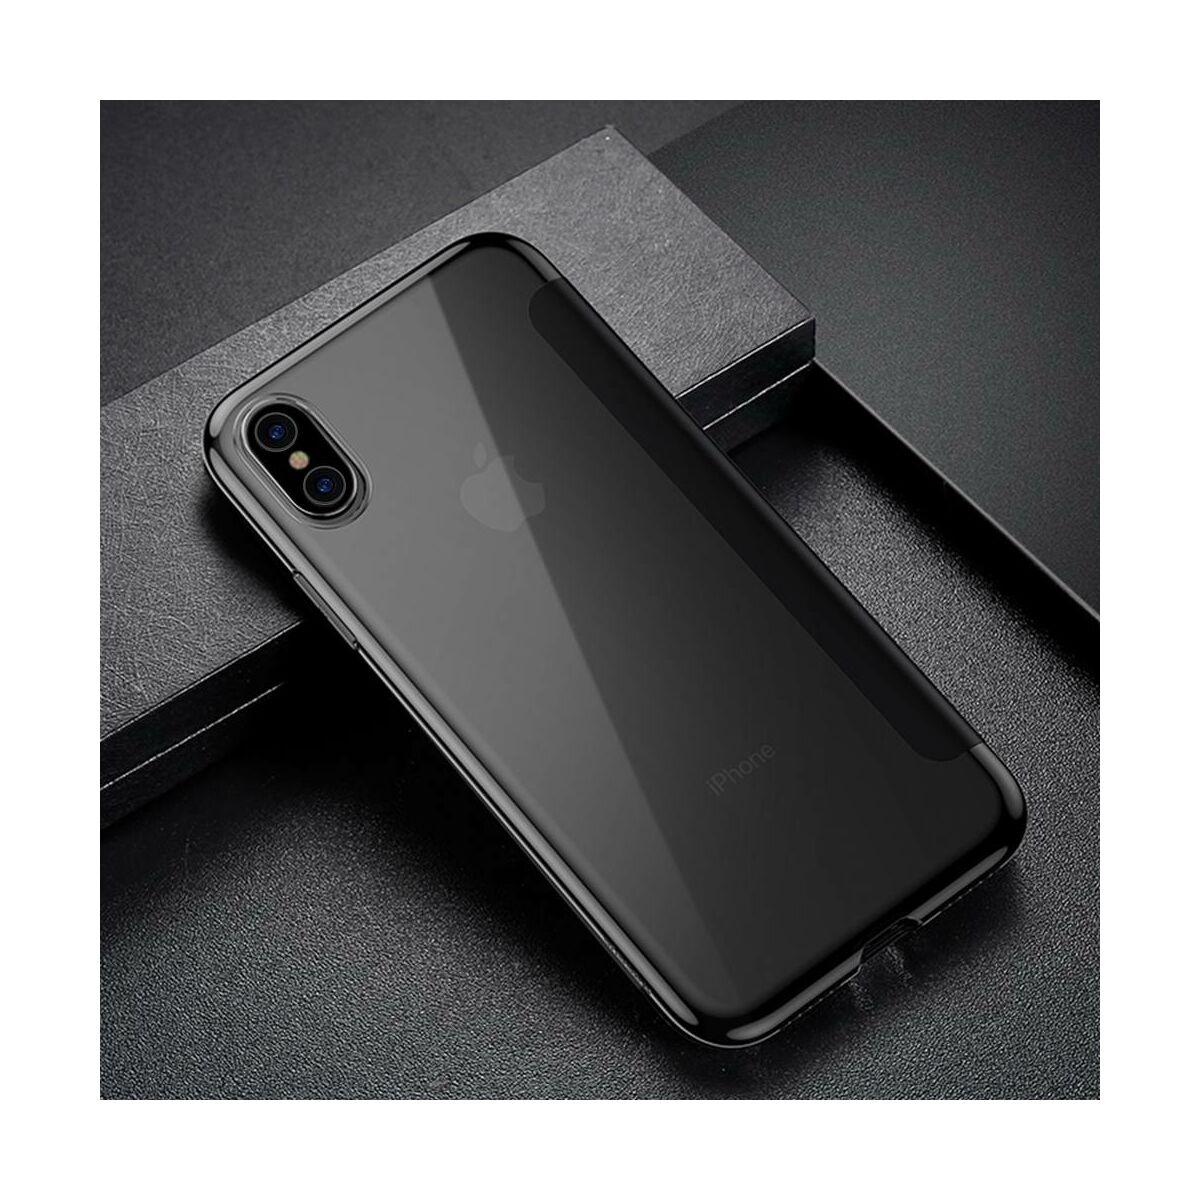 Baseus iPhone XS tok, Touchable kihajtható, érintőfelületű tok, fekete (WIAPIPH58-TS01)